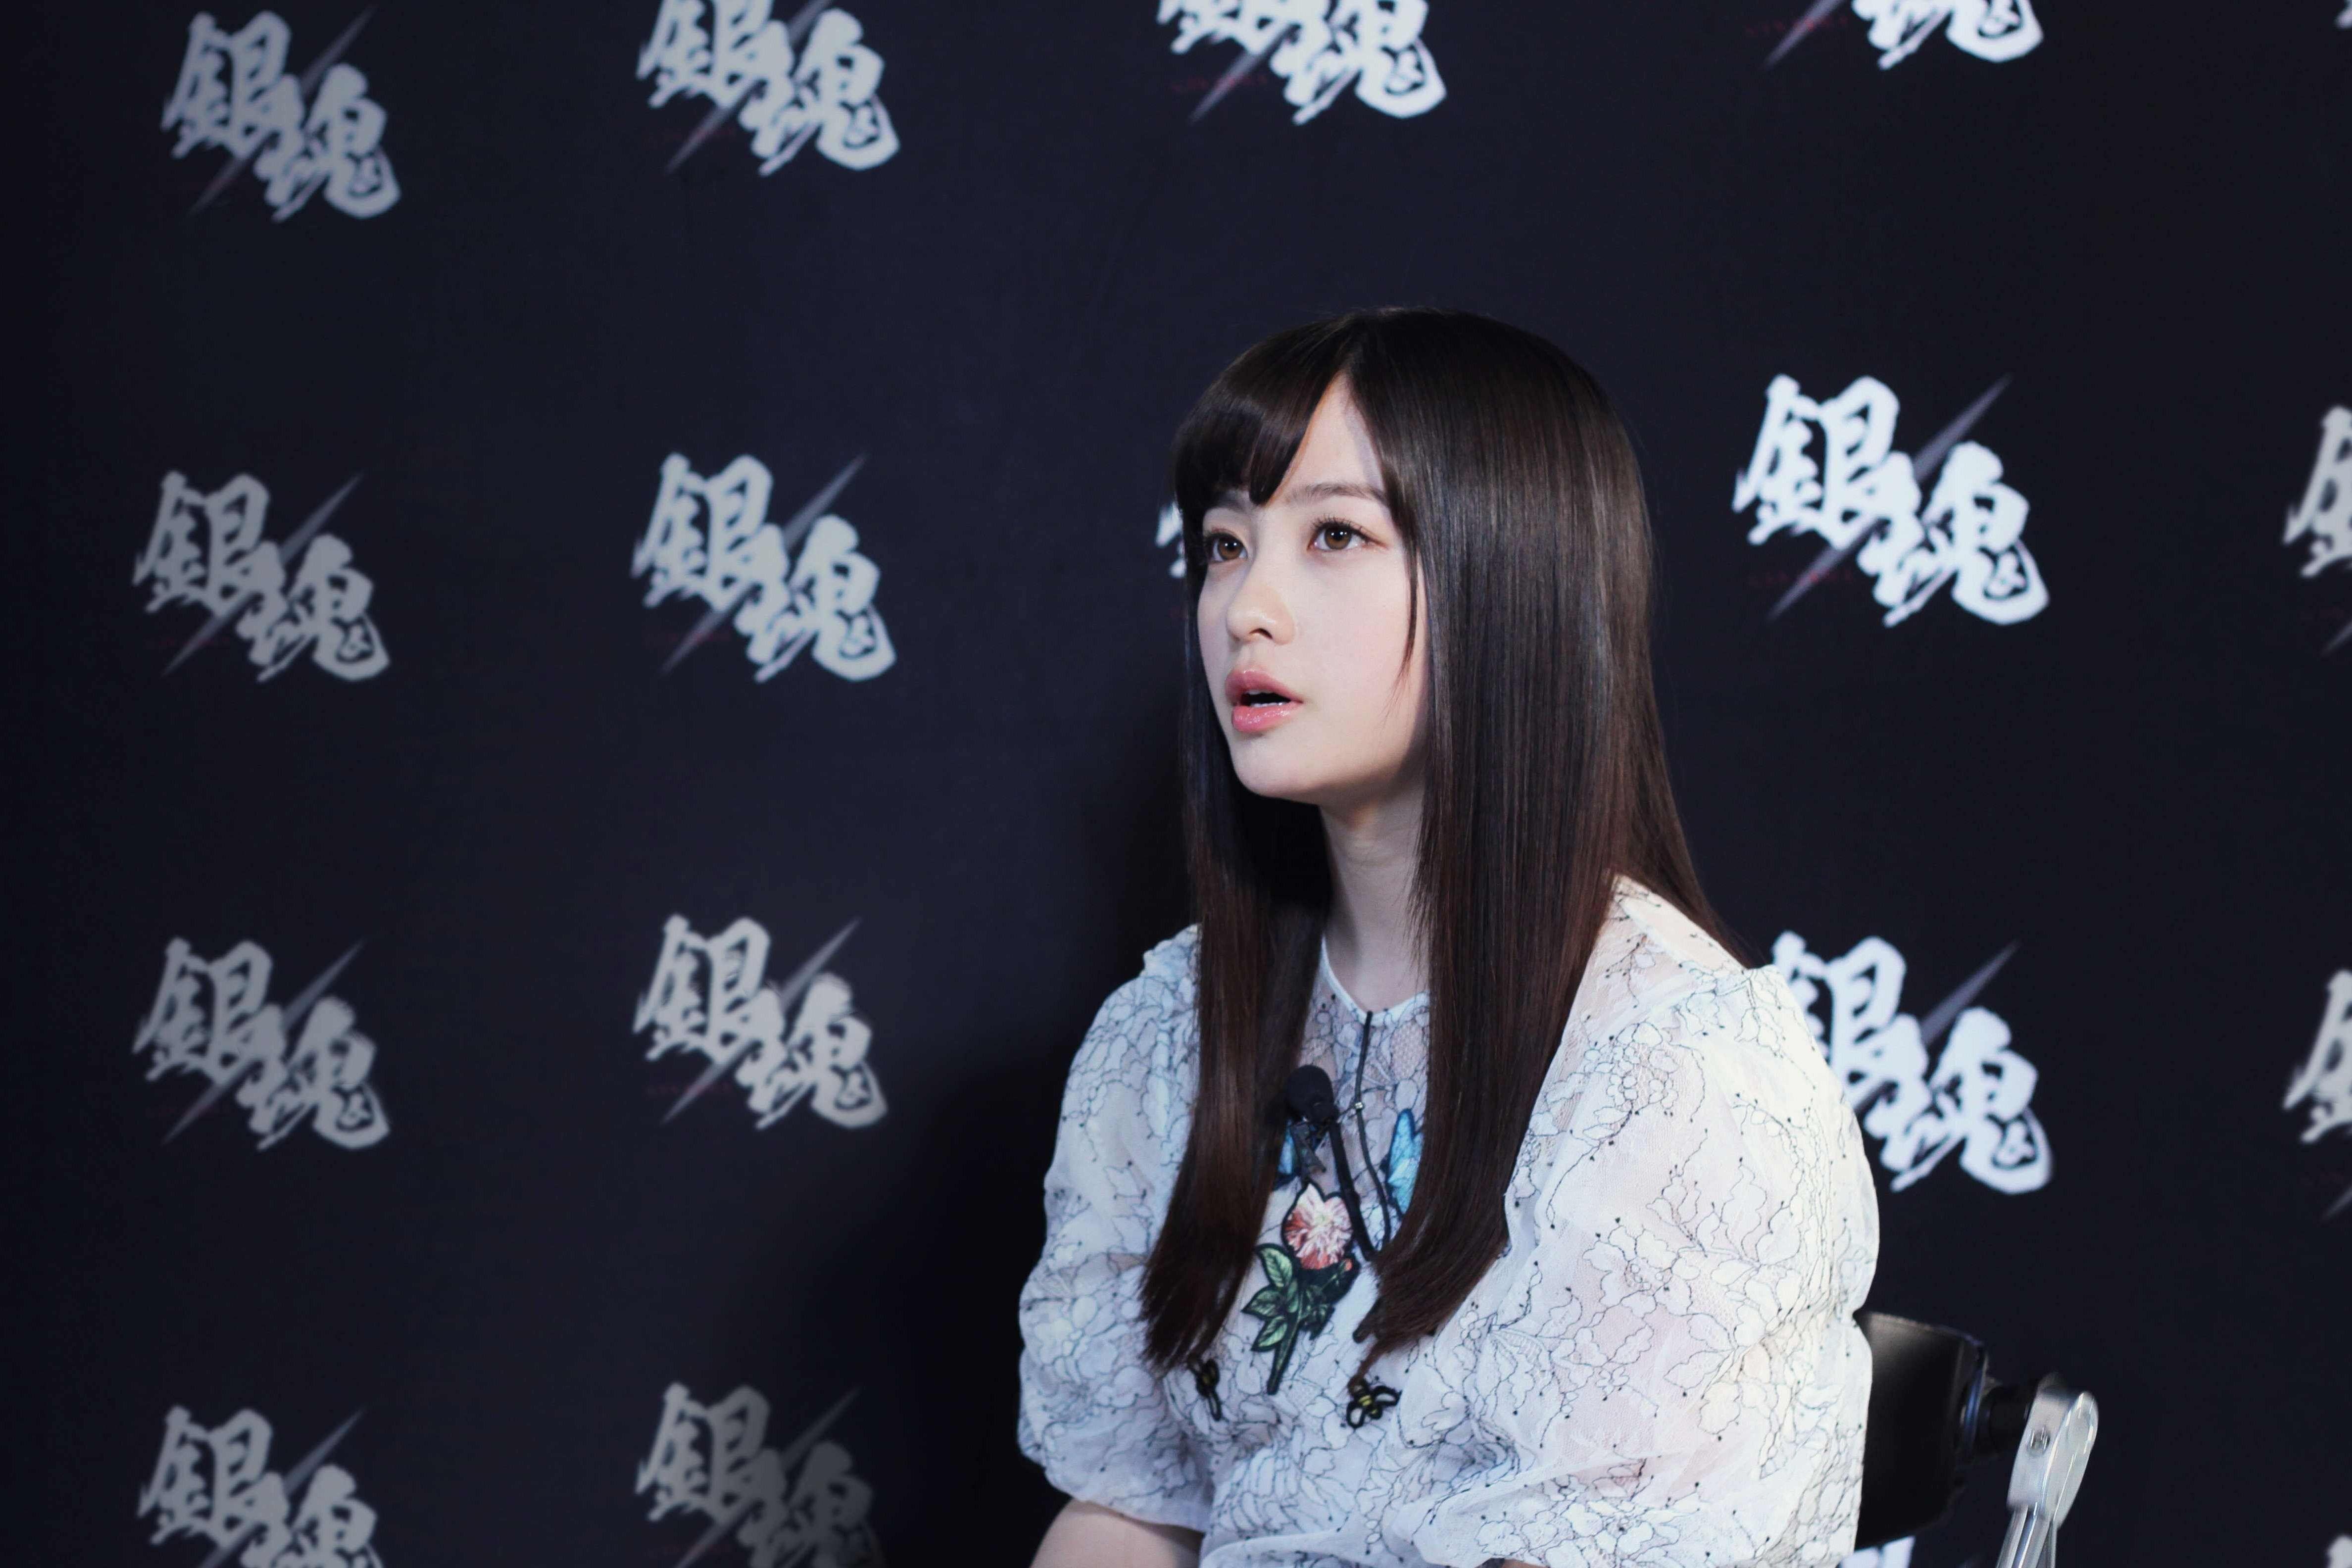 日本千年一遇美少女胖成这样,宅男们全都哭了纷纷表示不能接受